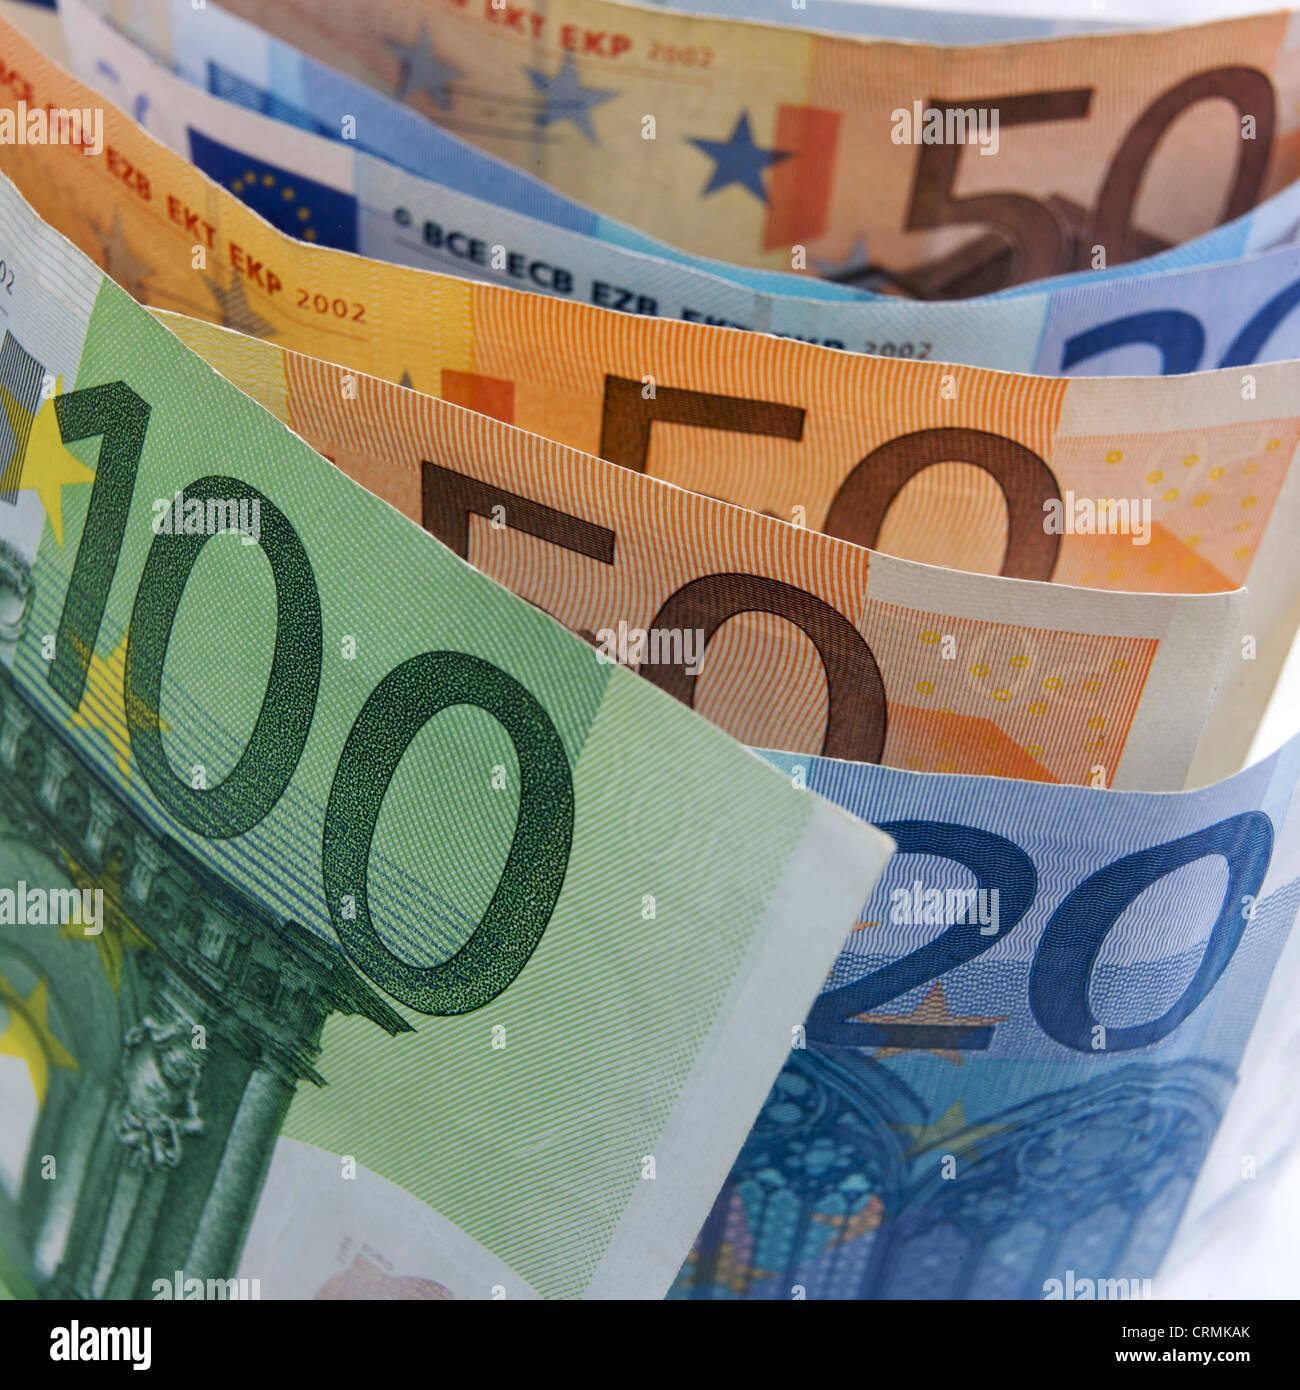 Euros / Euro banknotes. - Stock Image